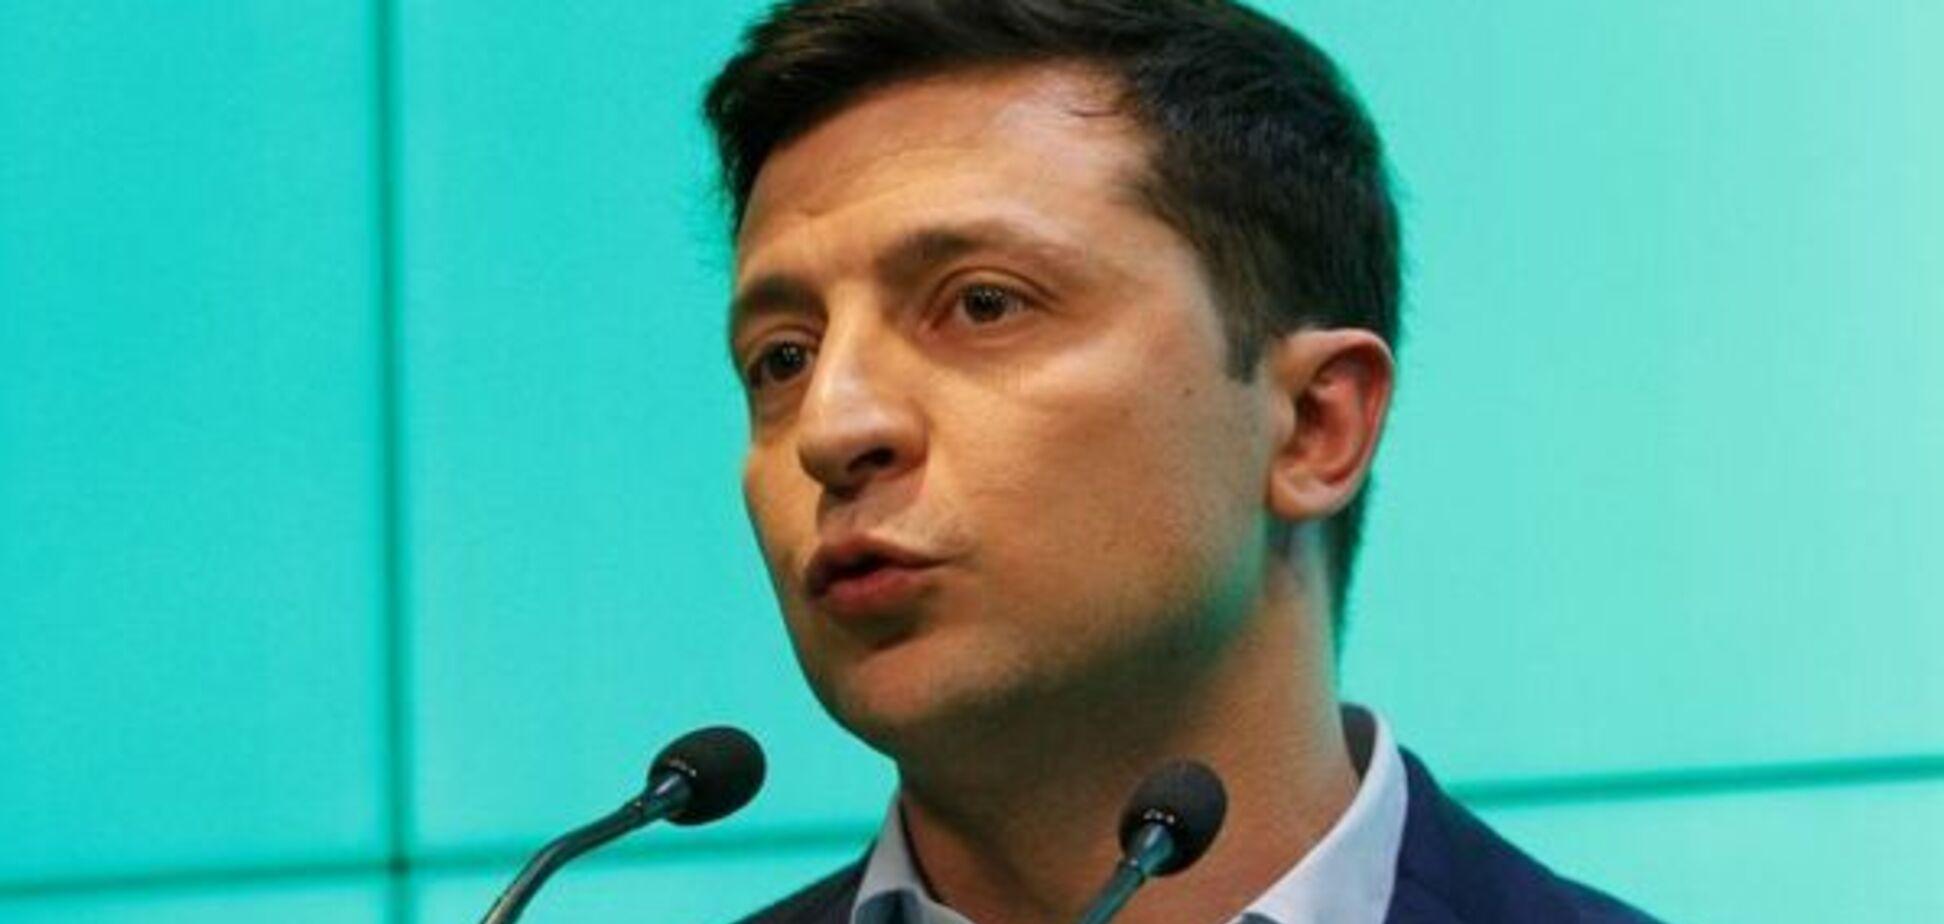 'Оружие российского разлива!' Известный публицист рассказал, как Зеленский выиграл выборы